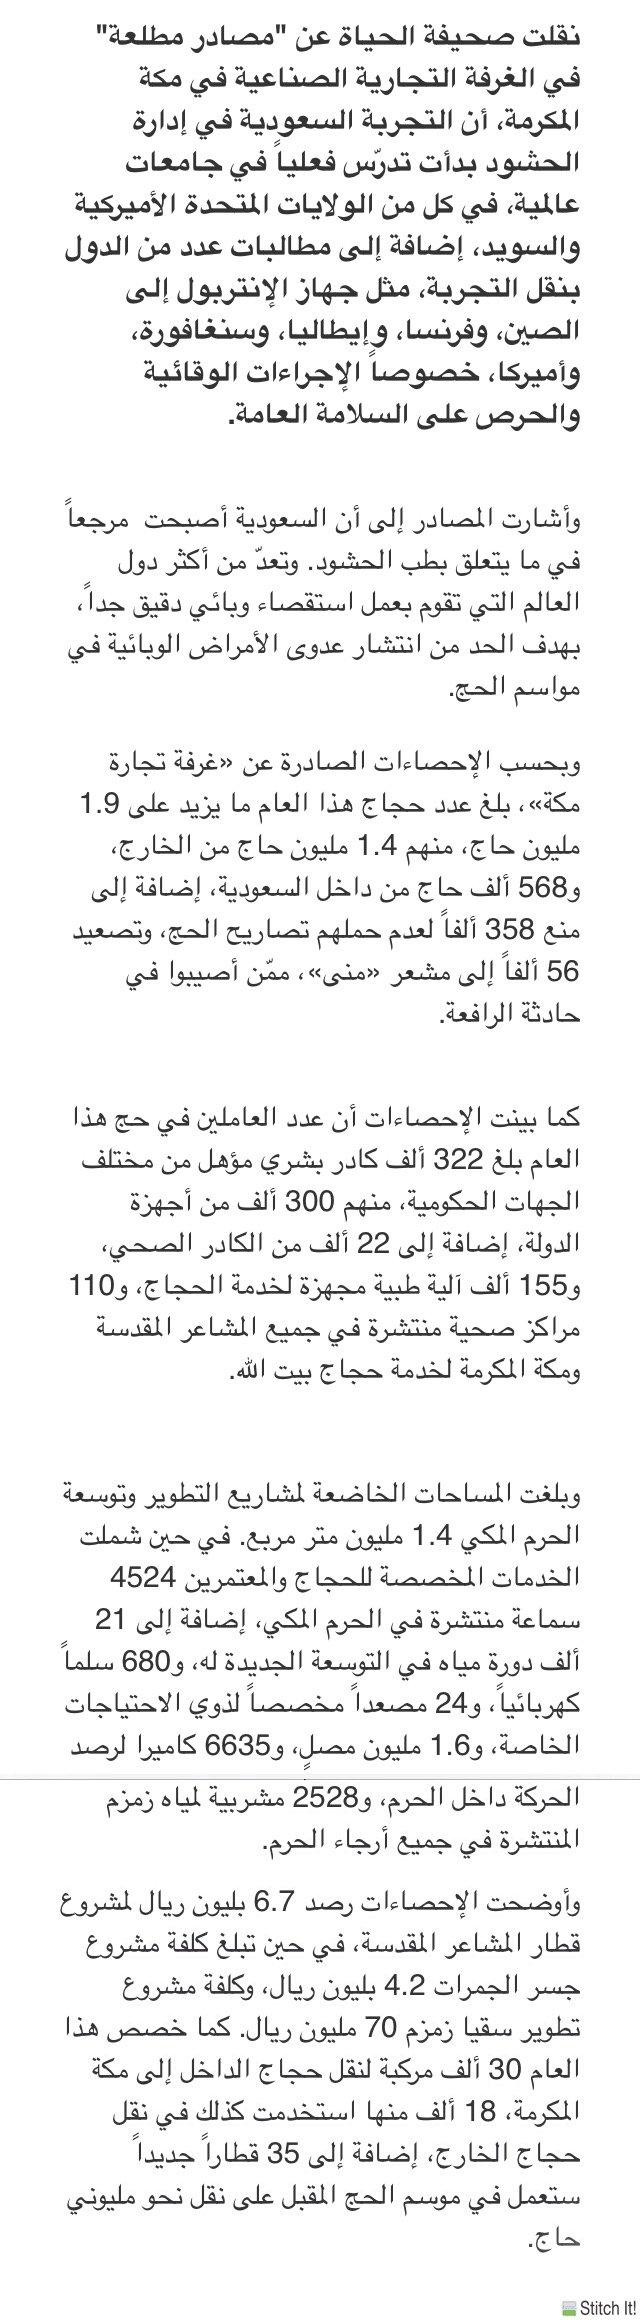 مطالبات عالمية بنقل التجربة #السعودية في إدارة الحشود إلى بلدانهم